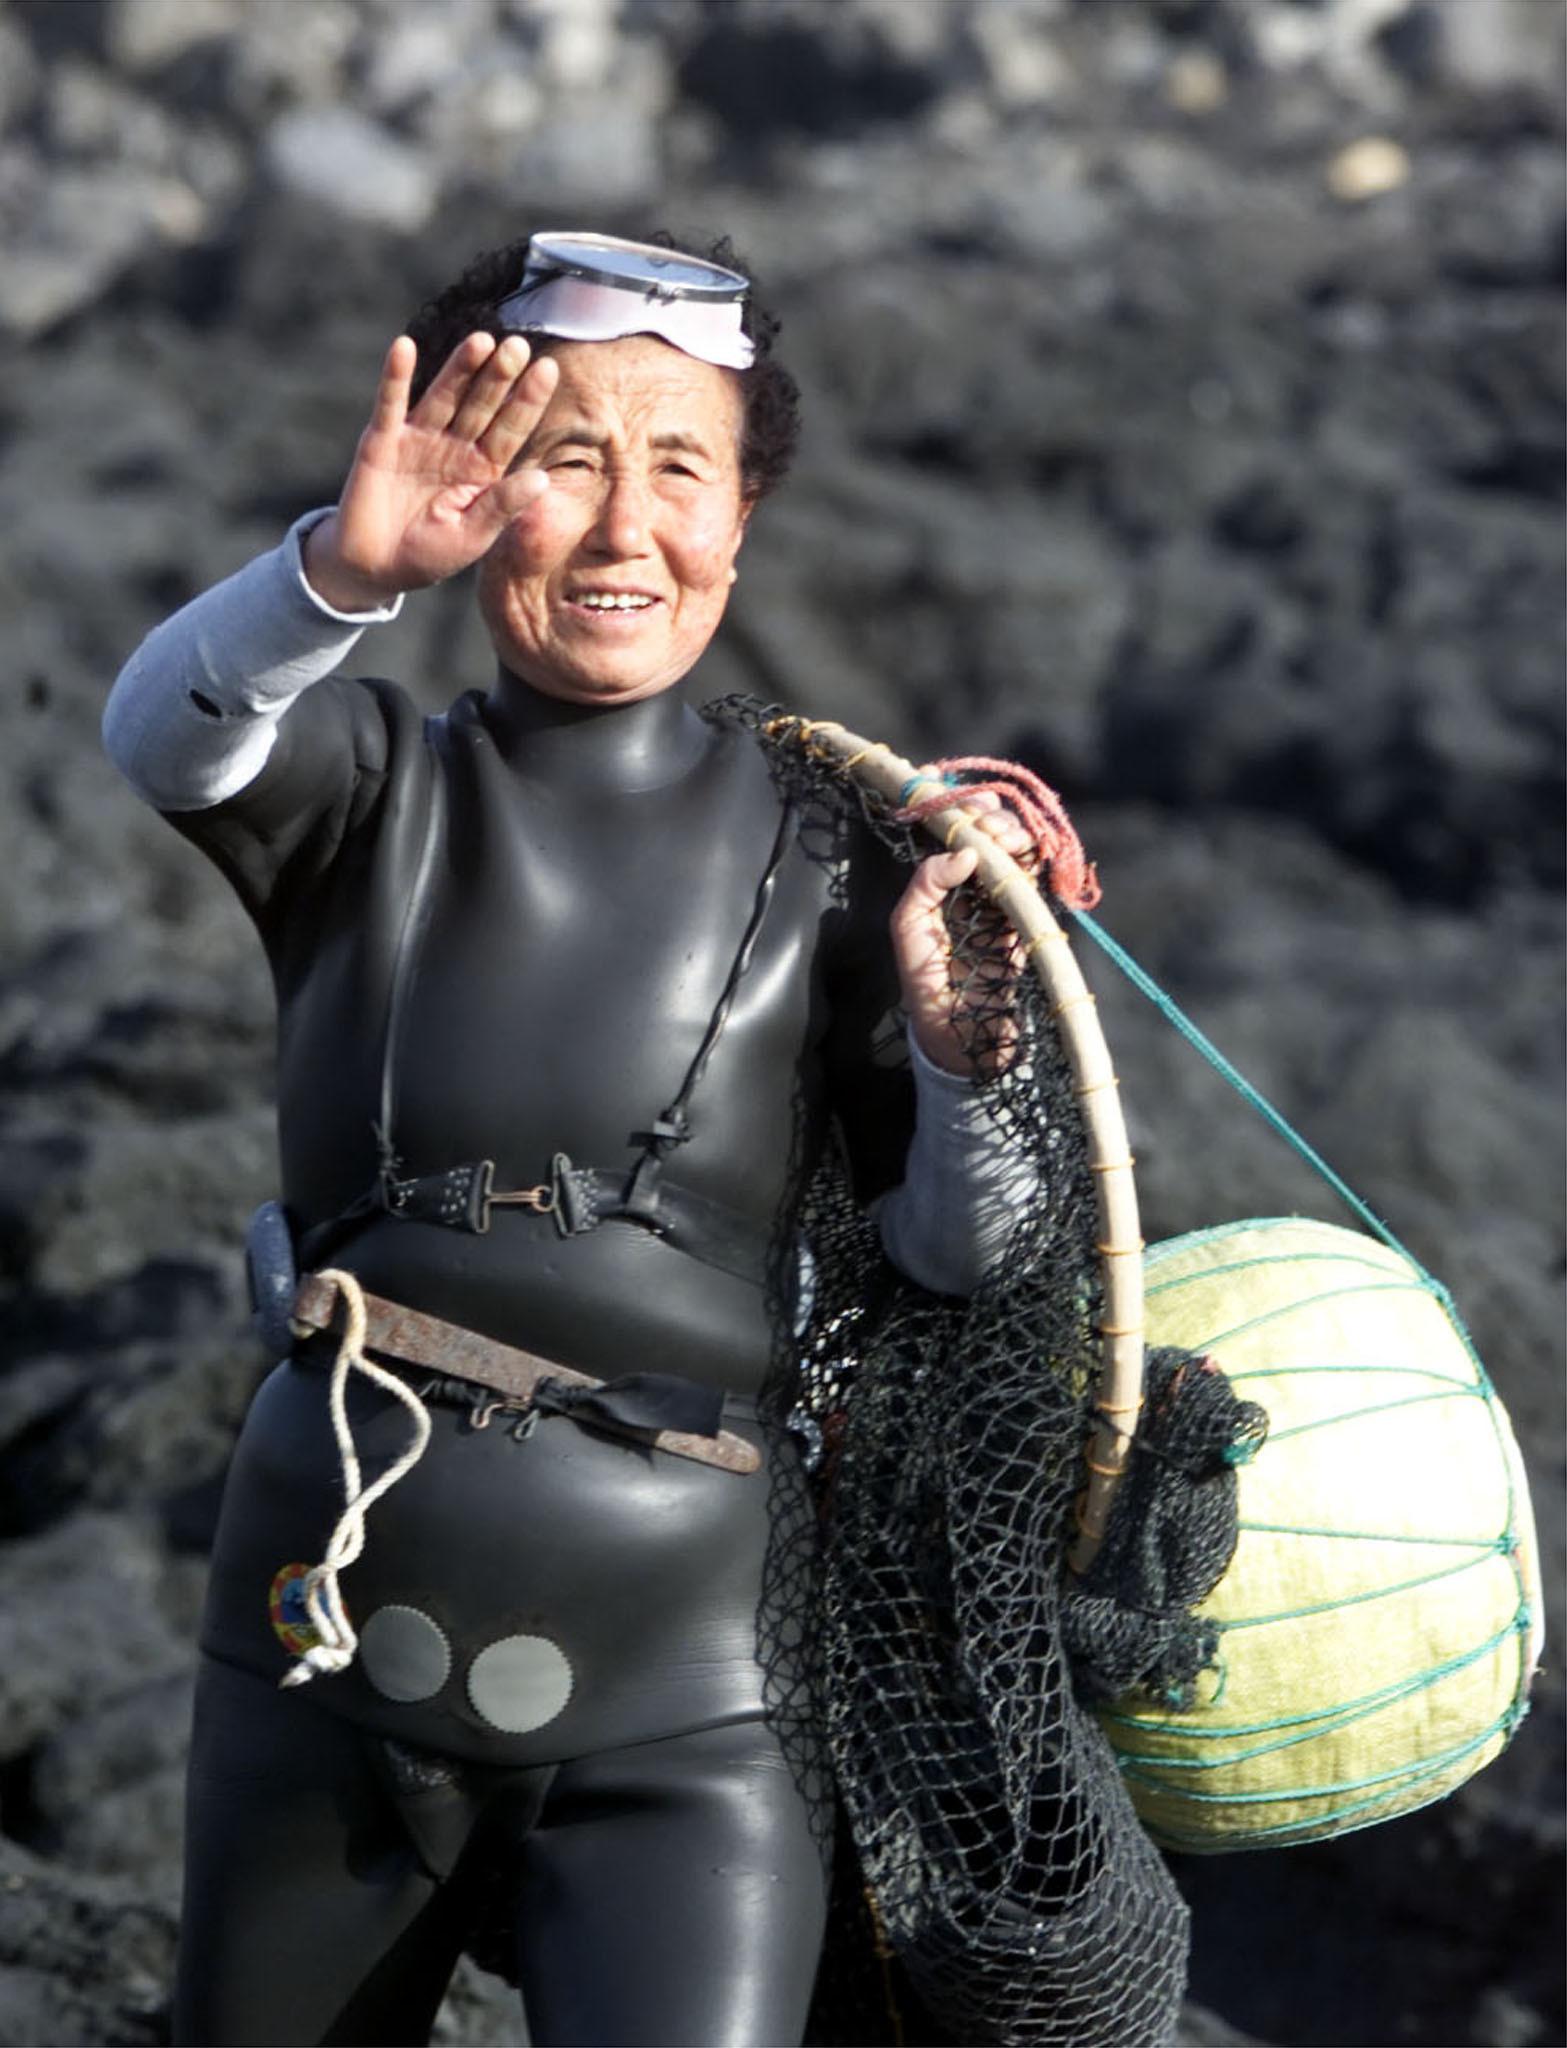 Mujeres haenyeo, las últimas 'sirenas' del mundo en vía de 'extinción'